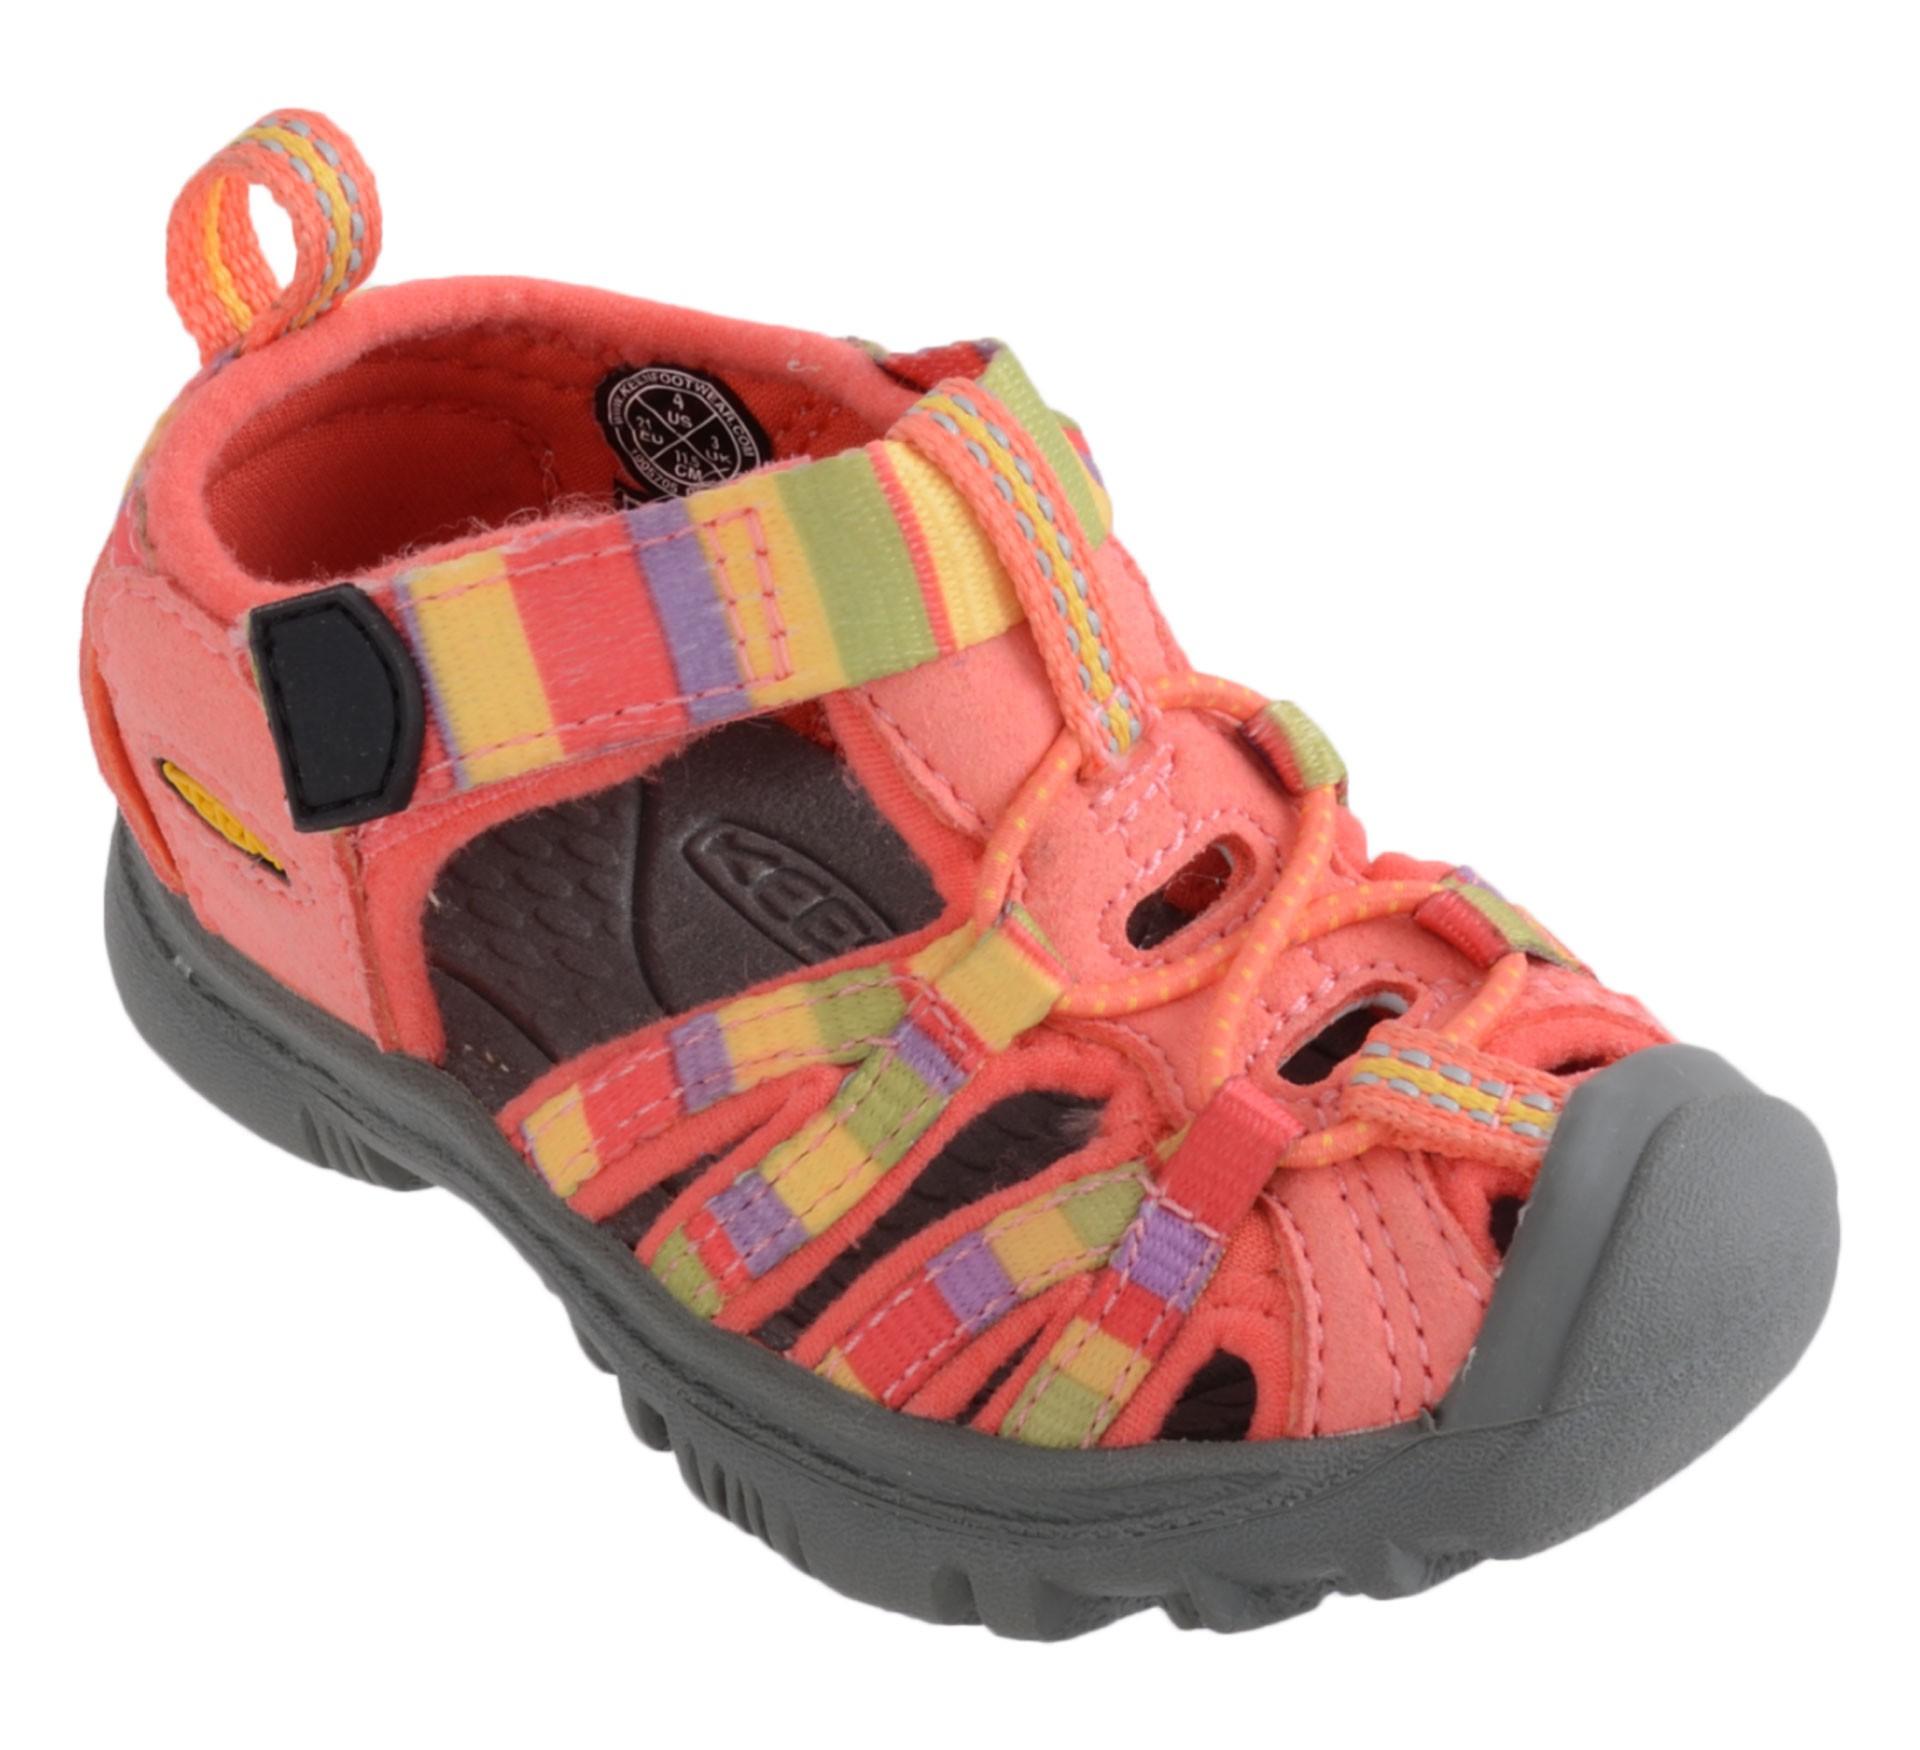 Keen Whisper Sandalen für Kleinkinder (Größen 19-23)